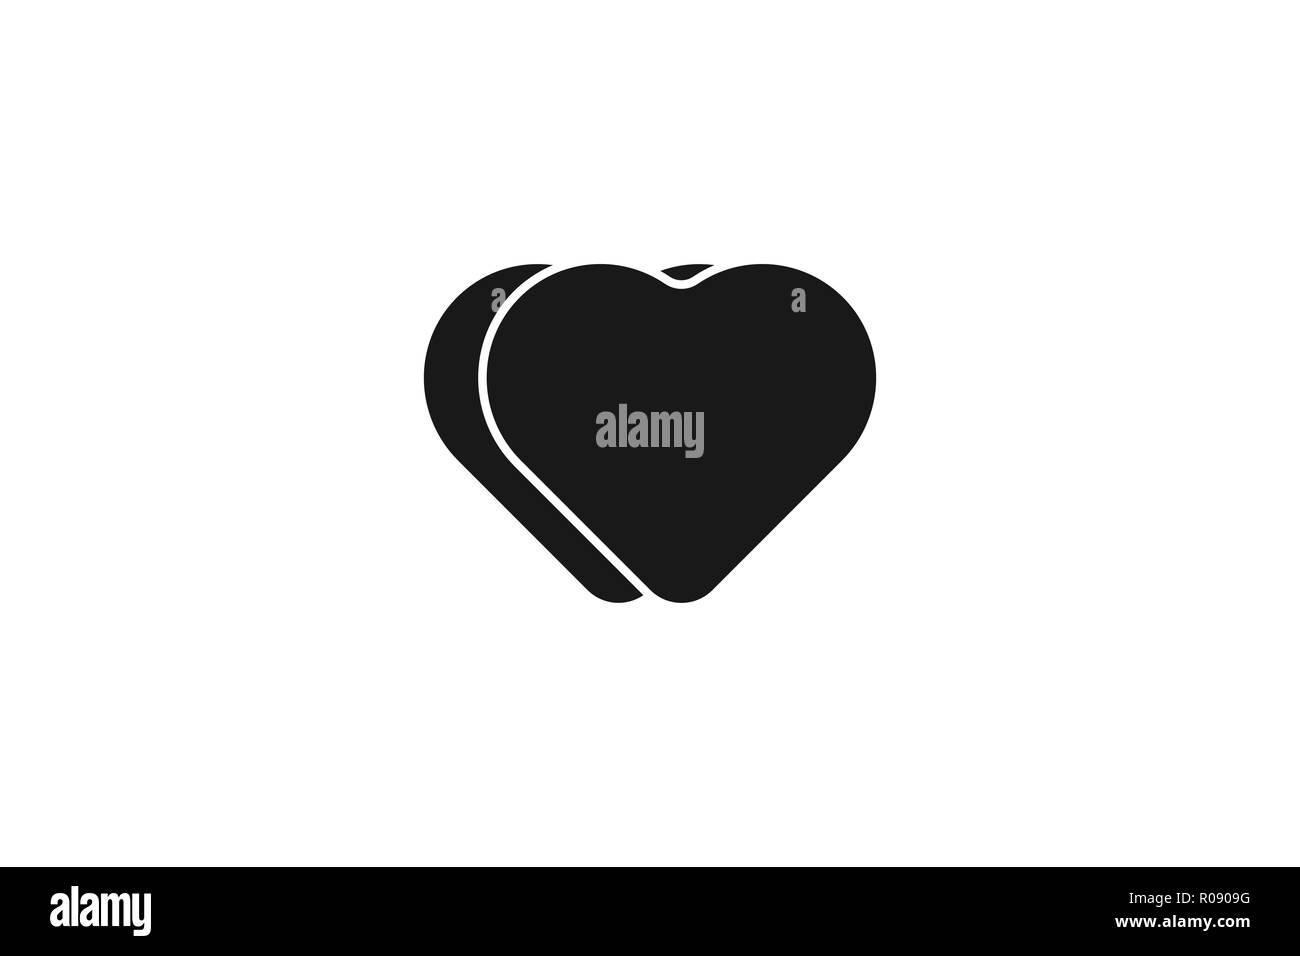 Nero Minimalista Icona Amore Disegni Logo Ispirazione Isolata Su